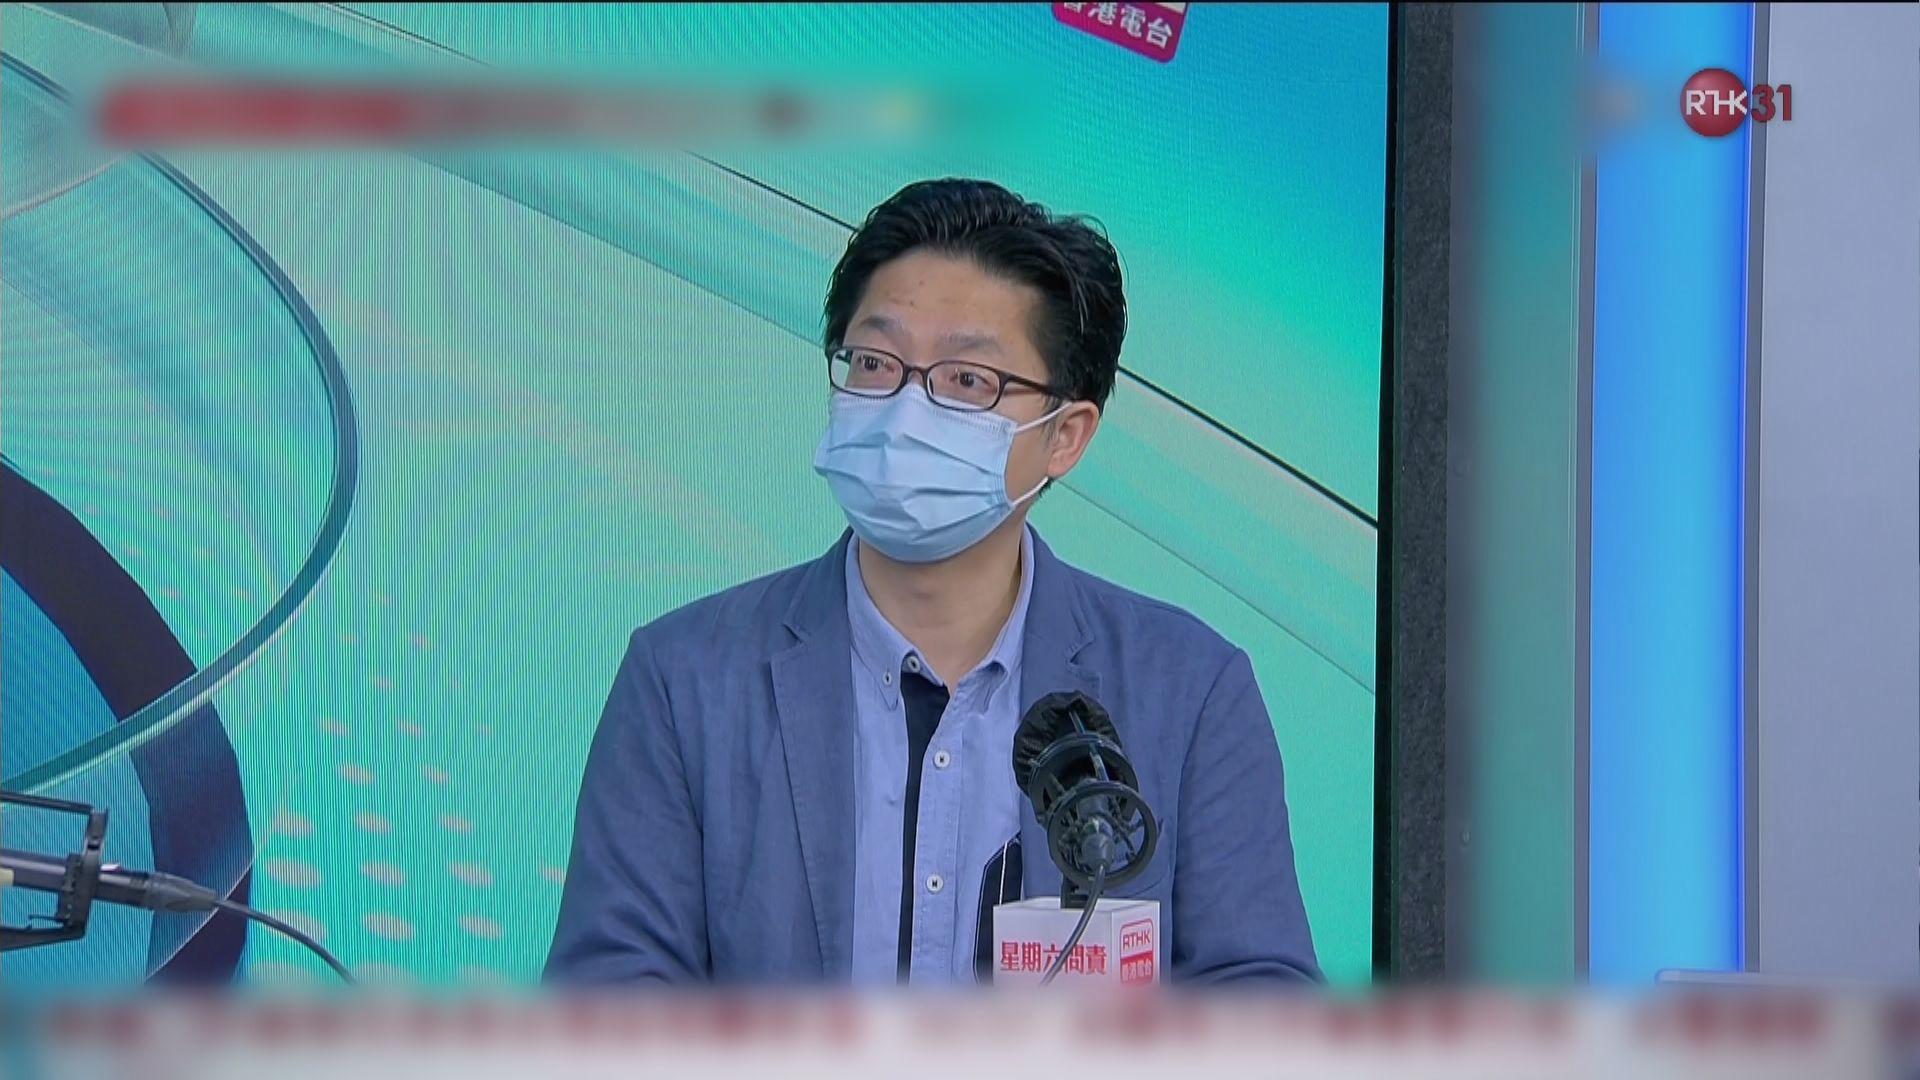 菲傭疑於酒店檢疫時染疫 潘烈文:應控制入住率減低潛在病毒量